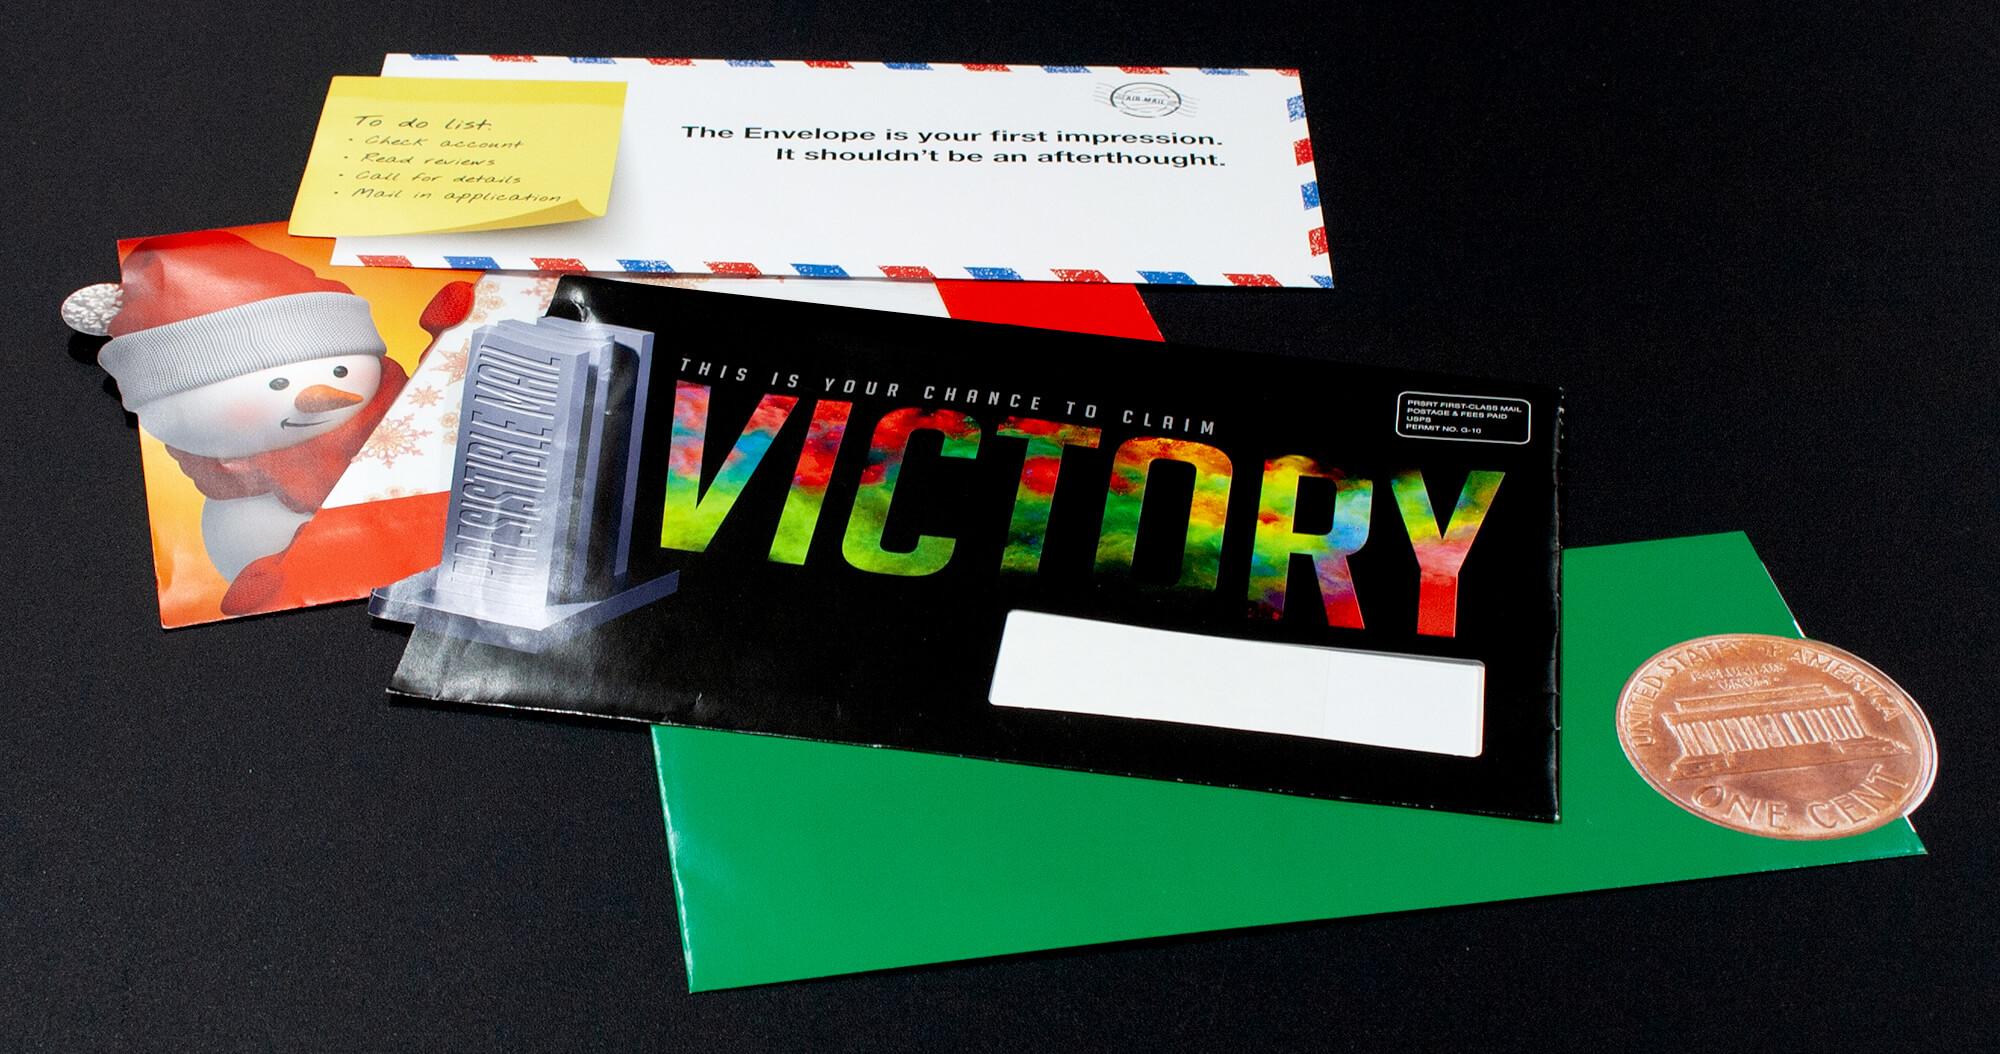 USPS-approved shape cut envelopes